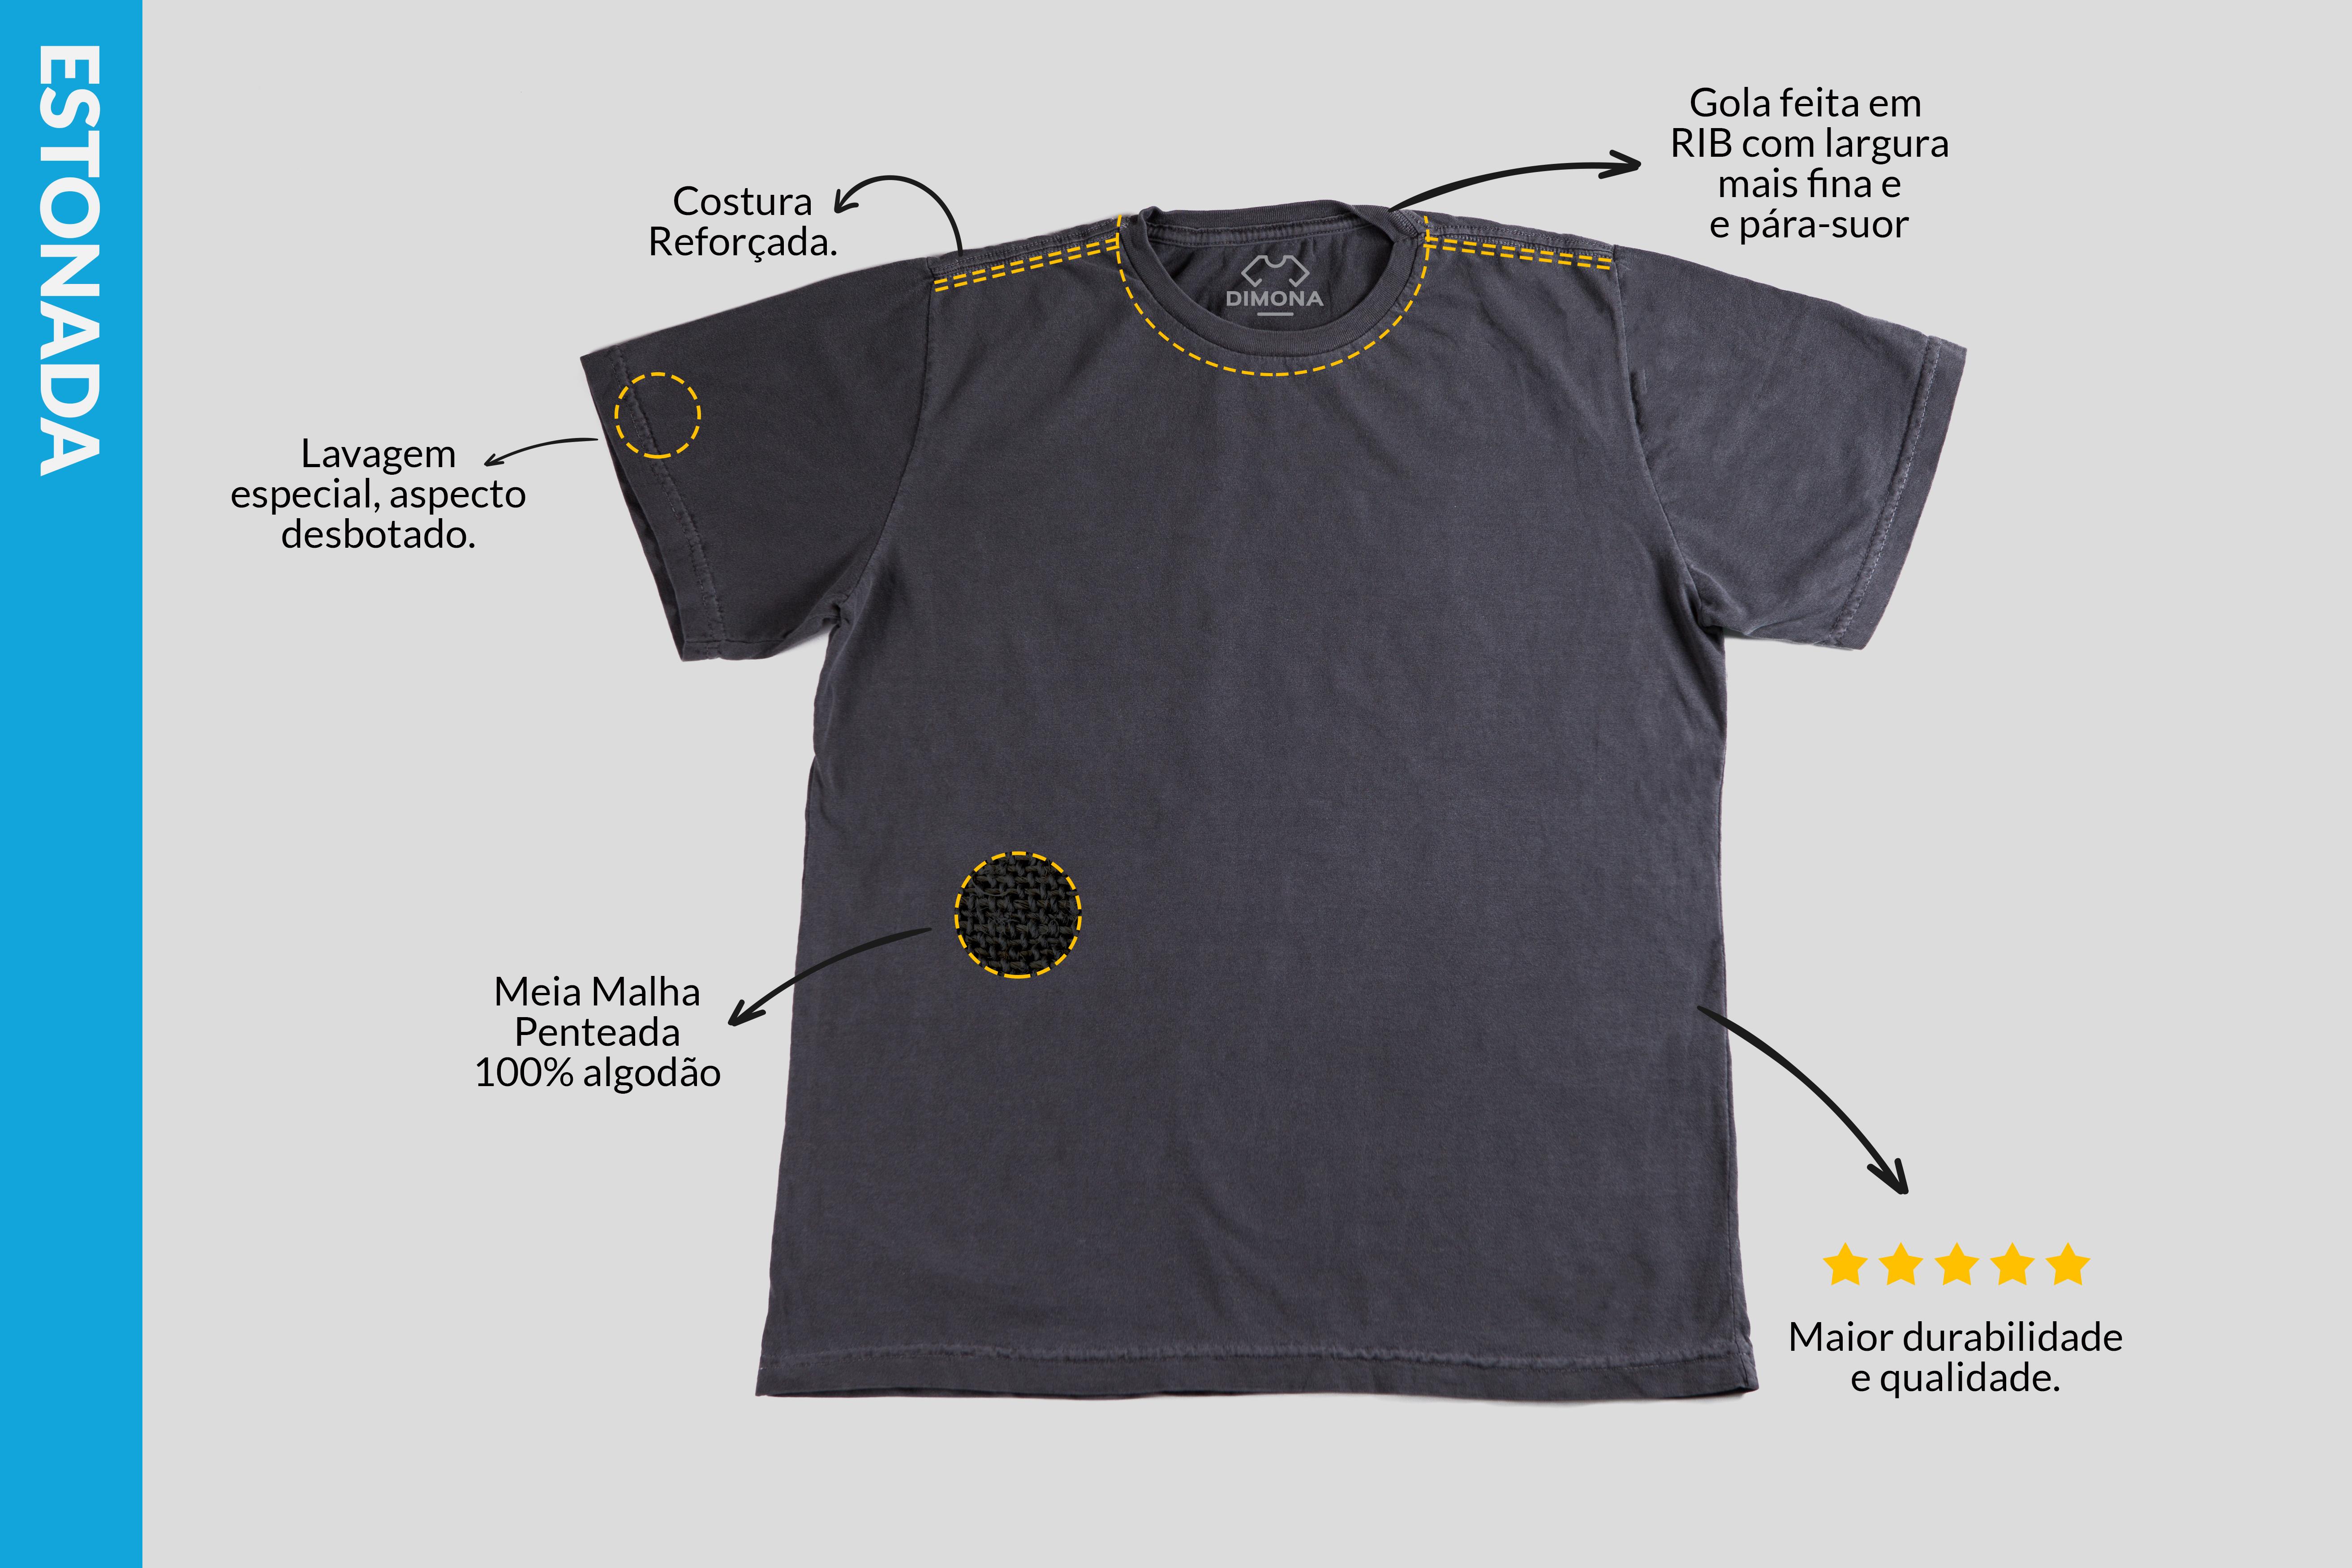 Camiseta cinza com aspecto desbotado estonada cem por cento algodão com gola fina e costura reforçada para personalizar